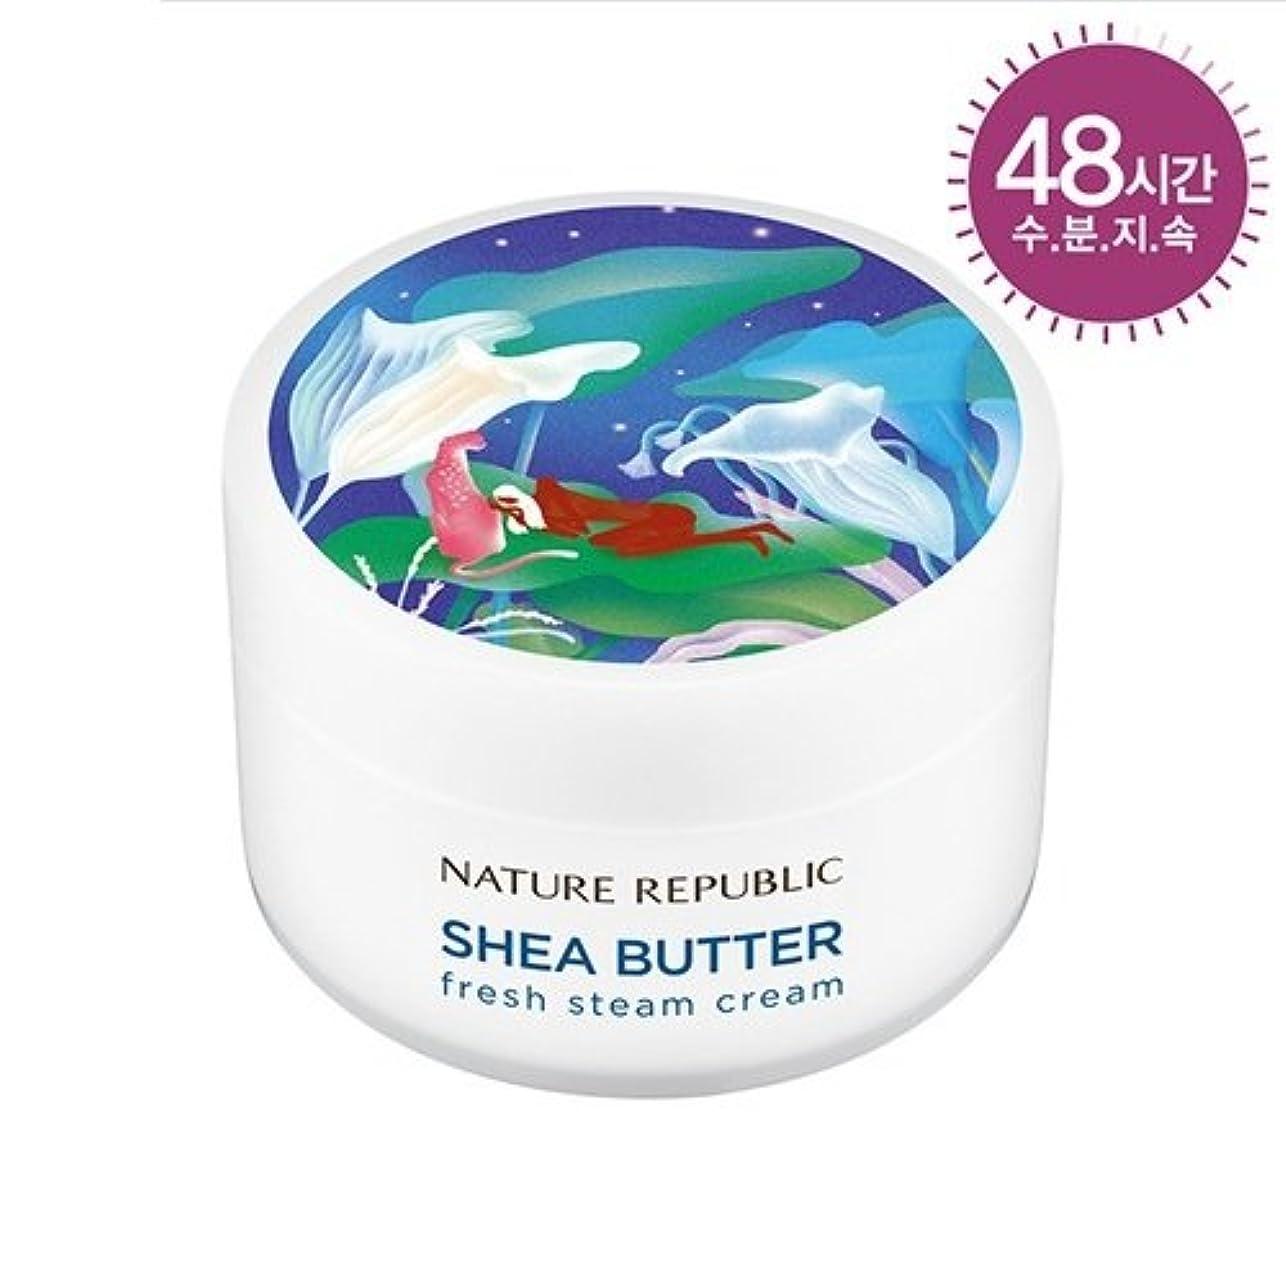 重量かかわらず傾いたNATURE REPUBLIC(ネイチャーリパブリック) SHEA BUTTER STEAM CREAM シアバター スチーム クリーム #フレッシュスオイリー肌